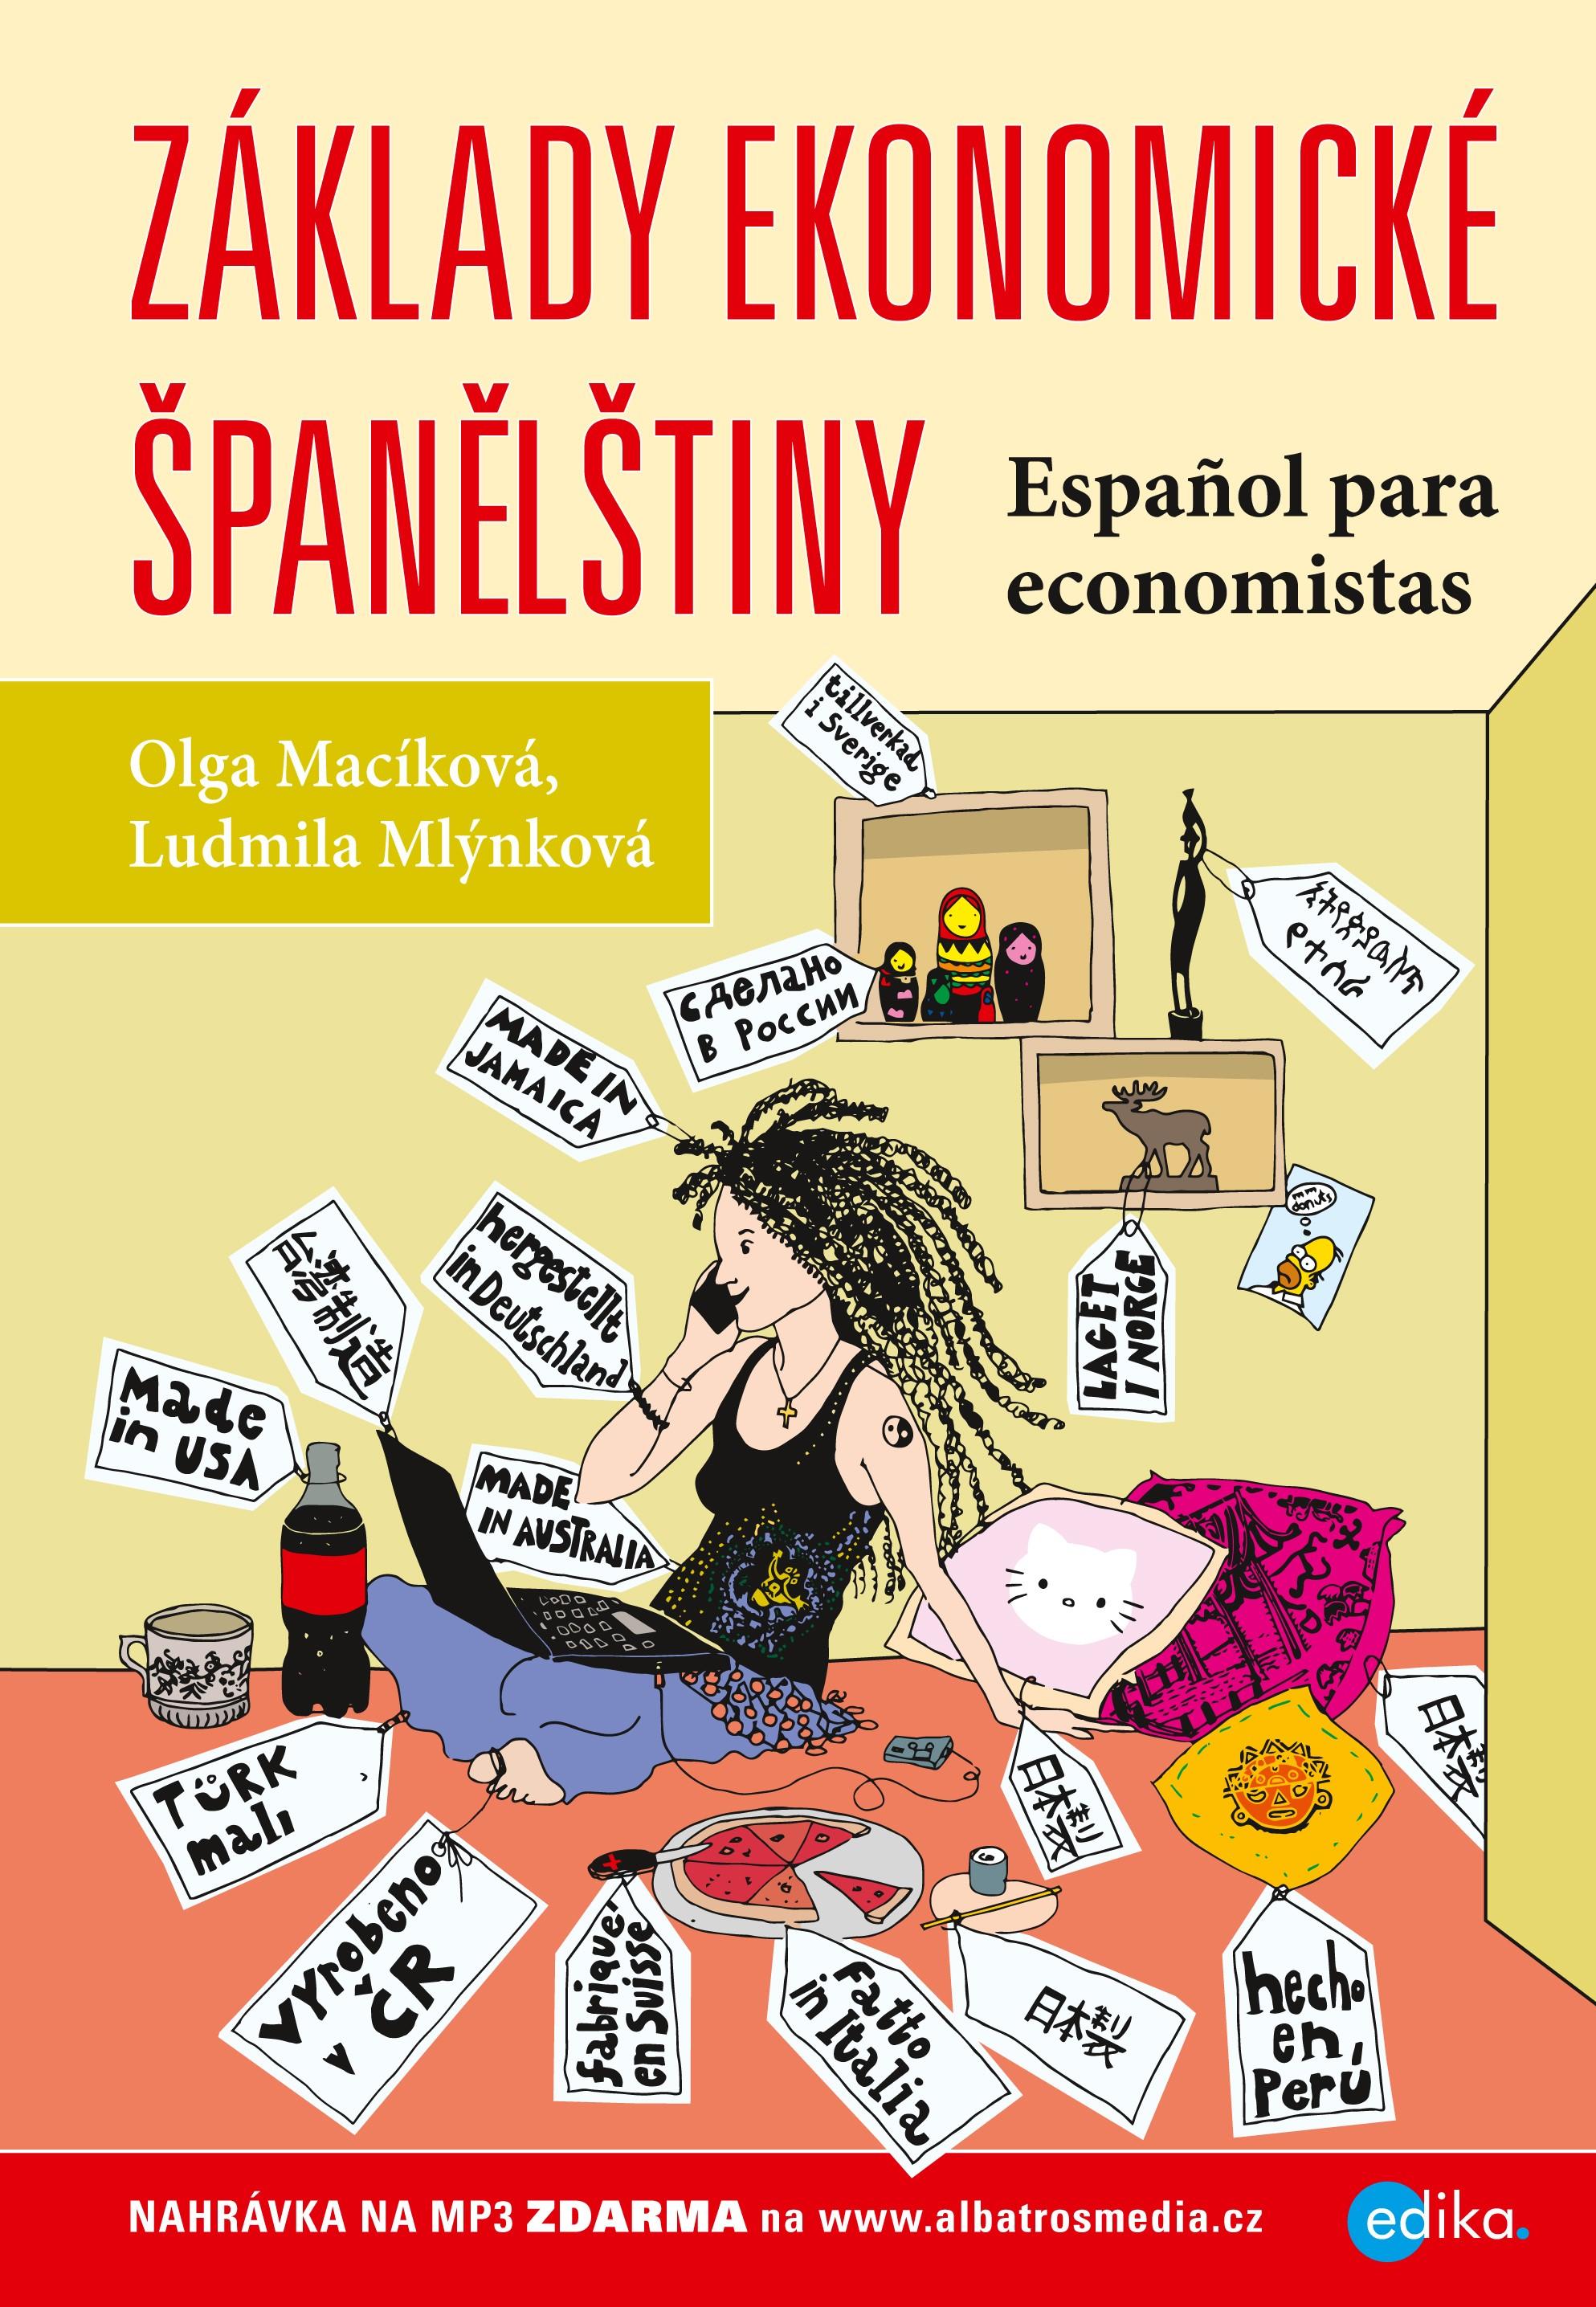 Základy ekonomické španělštiny | Olga Macíková, Ludmila Mlýnková